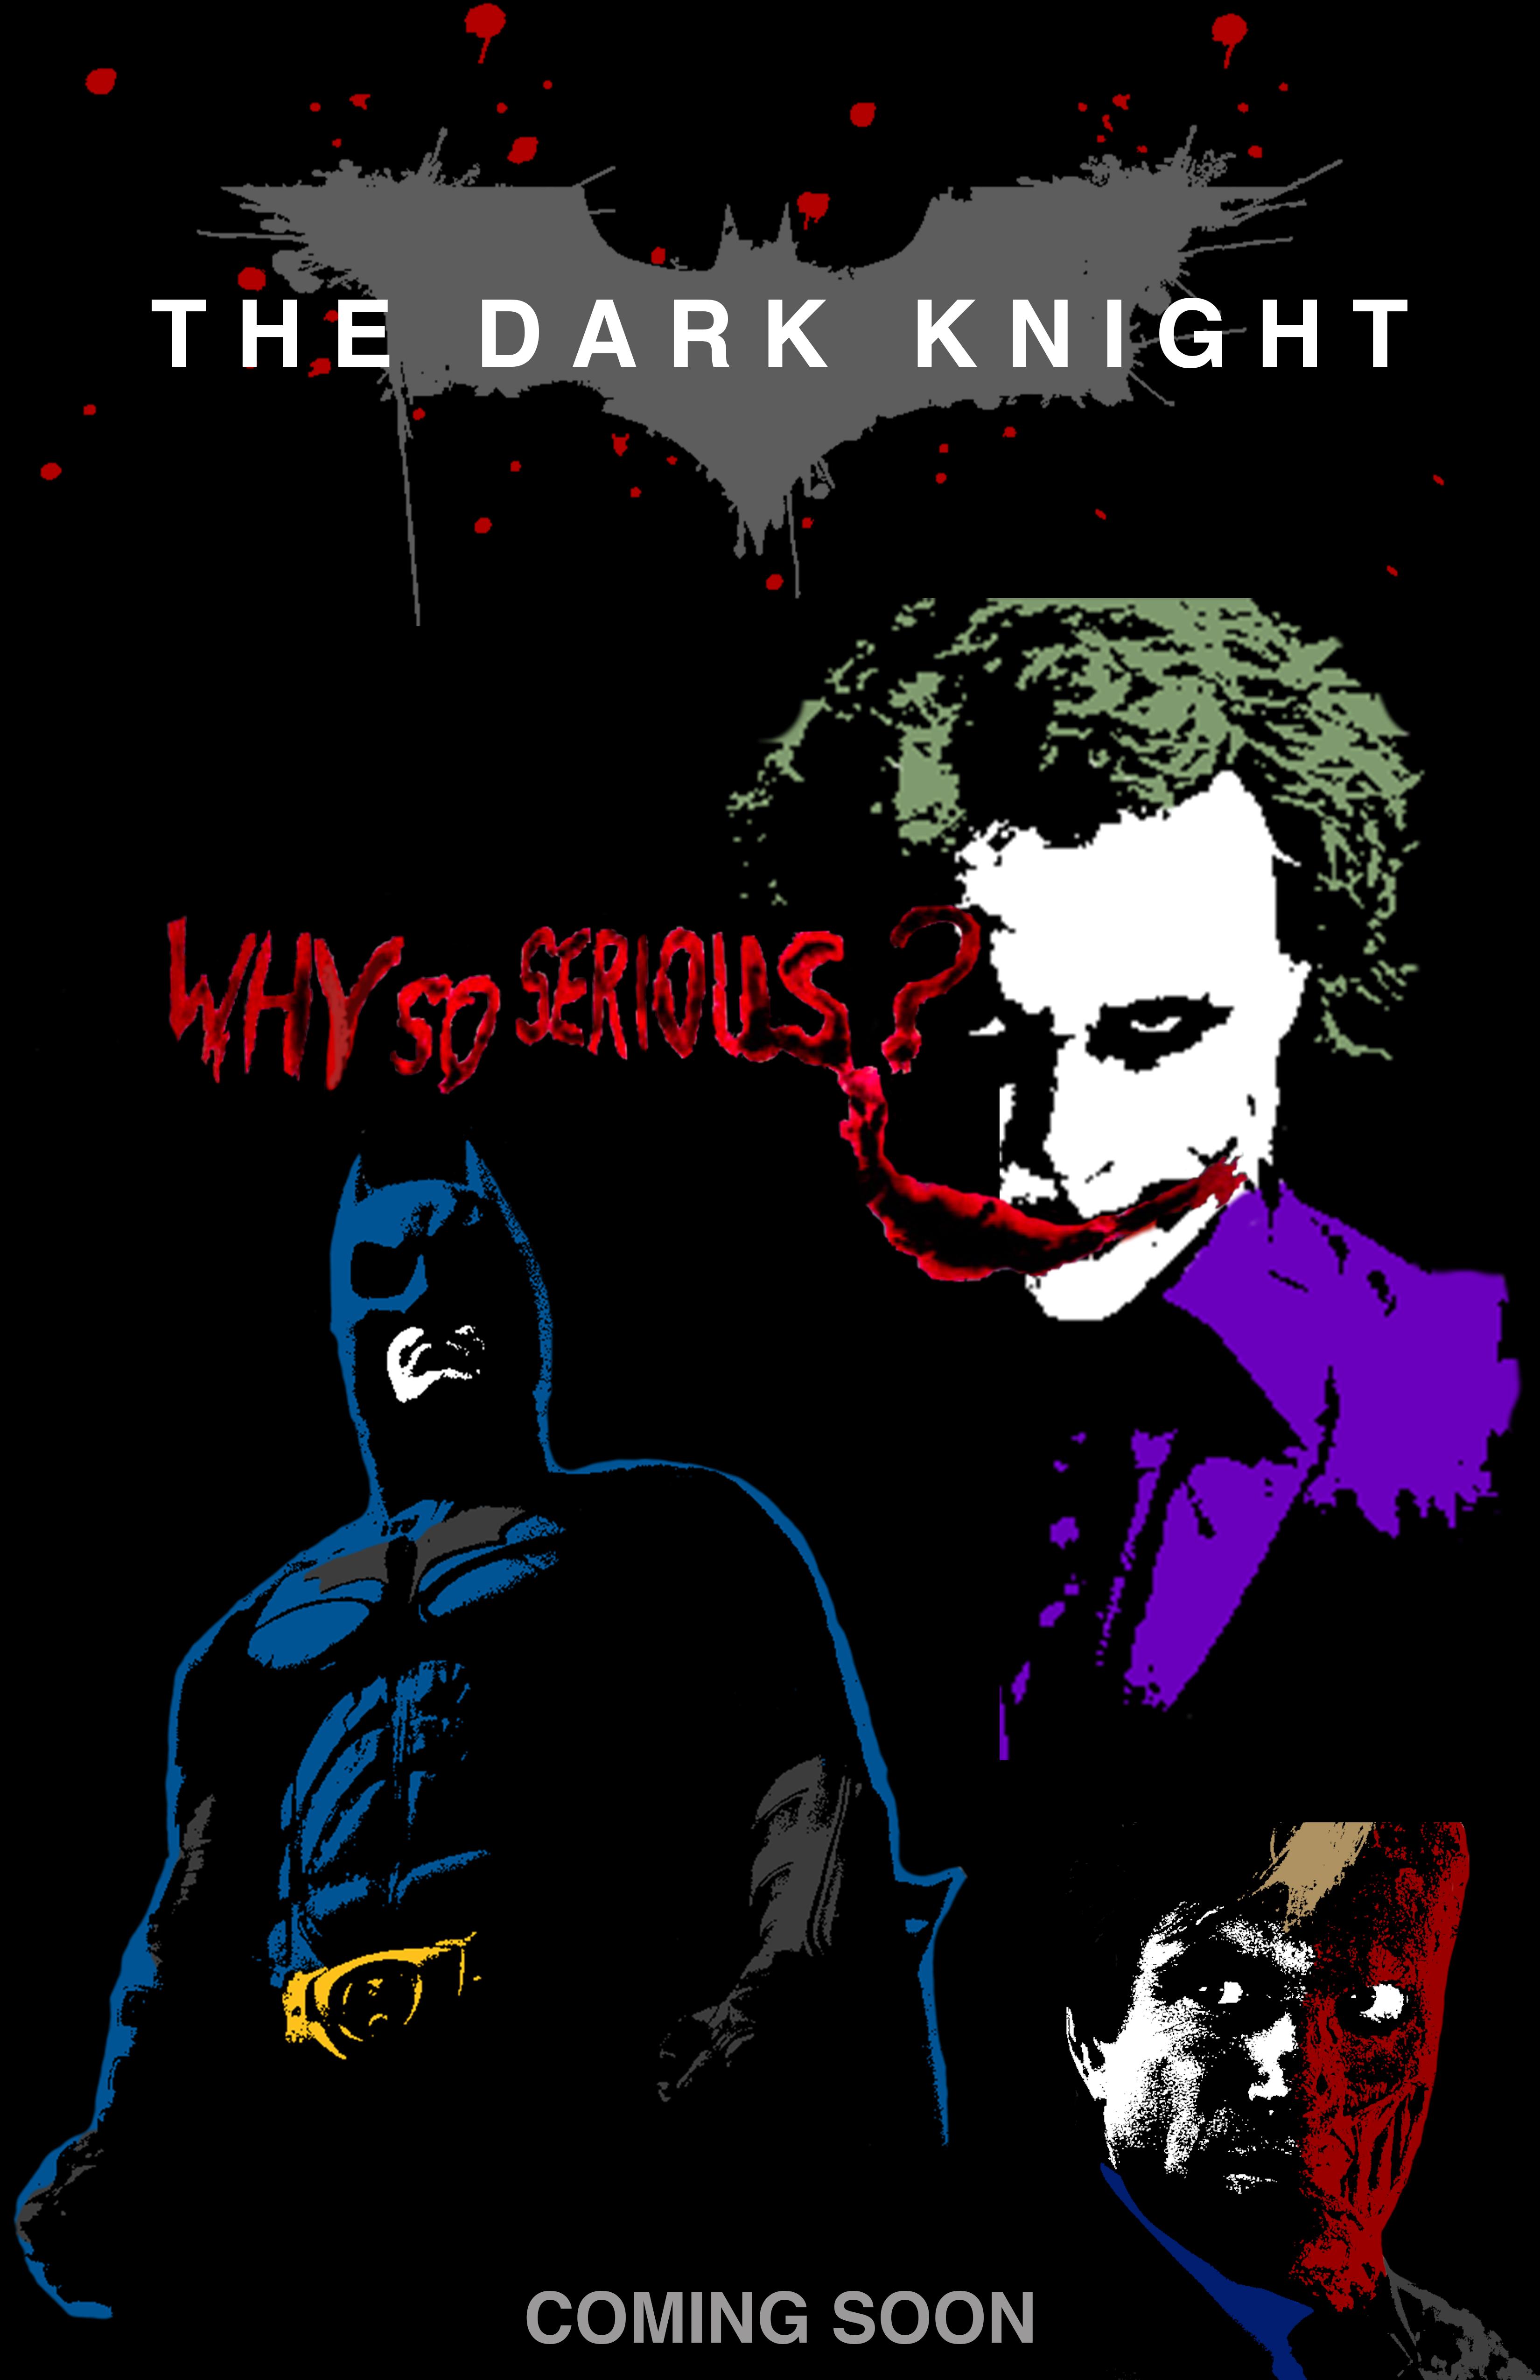 The Joker Dark Knight Poster